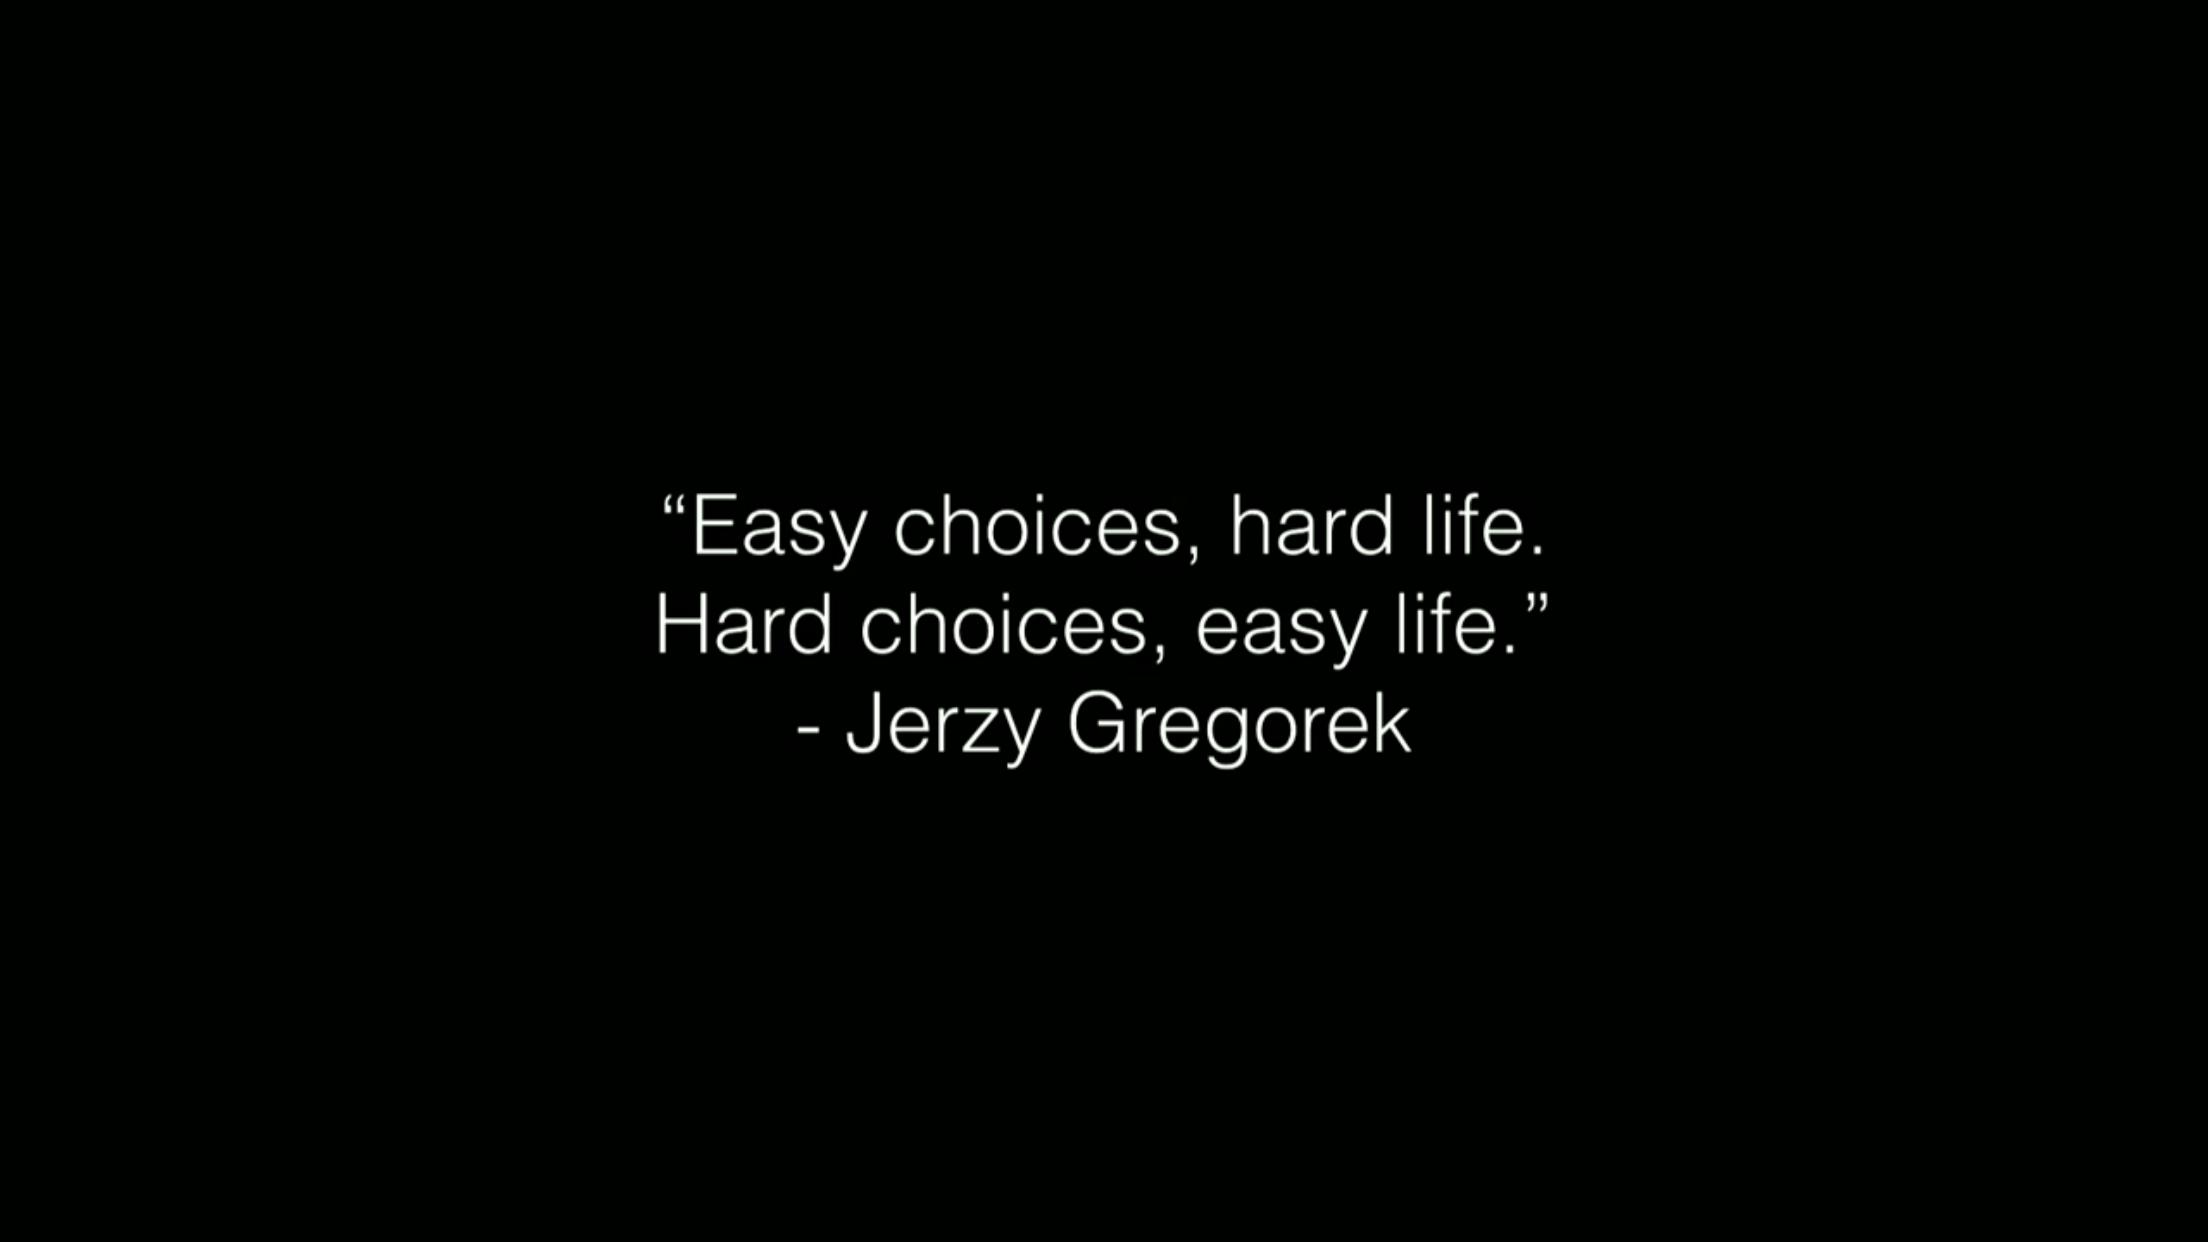 Easy choices, hard life. Hard choices, easy life. | Hard choices quotes,  Life is hard quotes, Life is hard